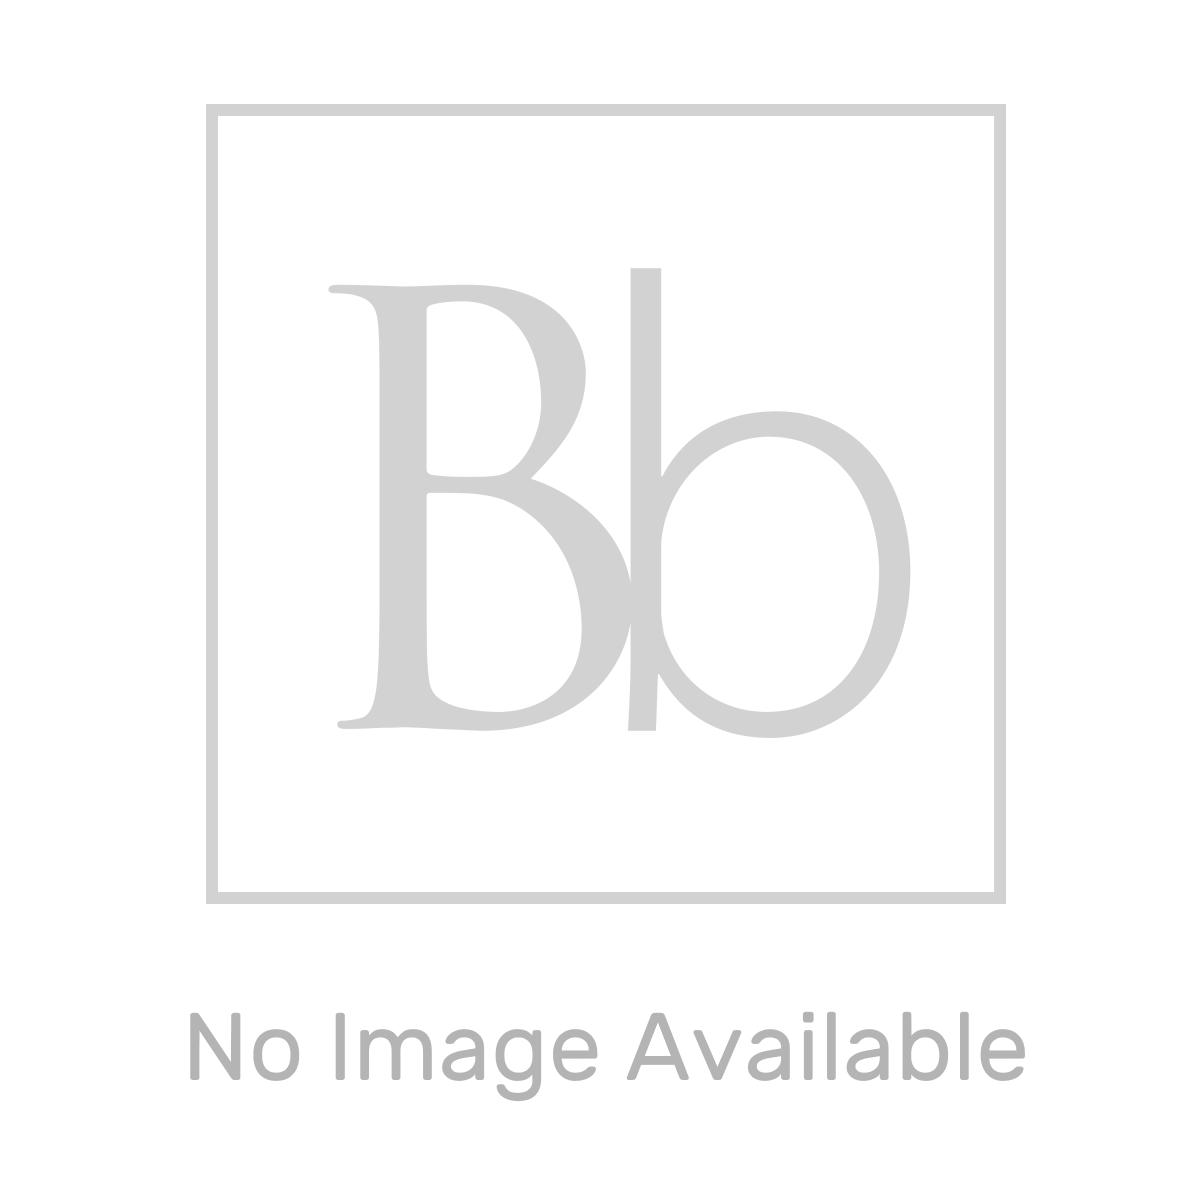 Nuie Linton Shower Bath 1700 x 700mm Dimensions